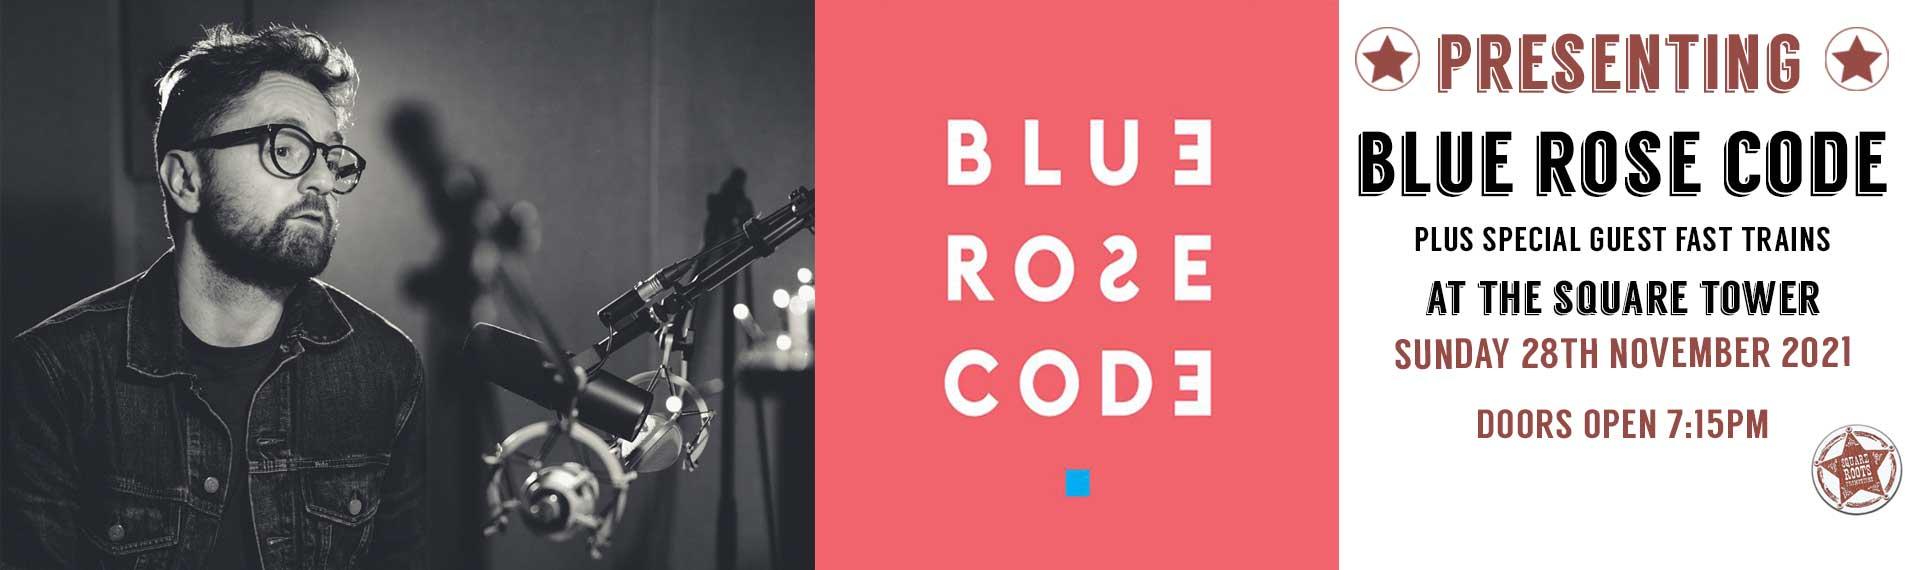 bluerosecodebanner2021FASTTRAINS